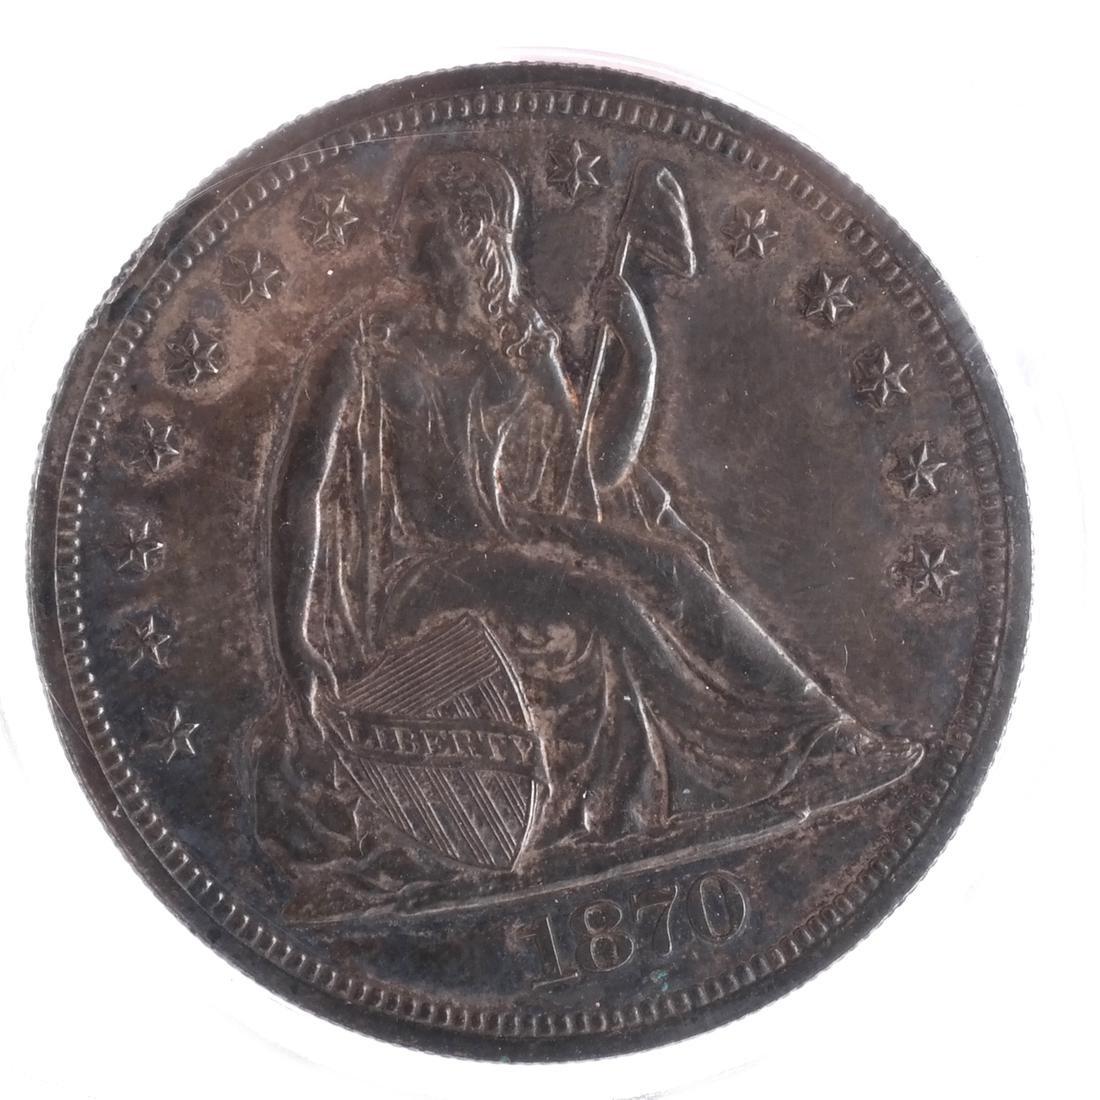 1870 Liberty Seated Dollar MS 63/64